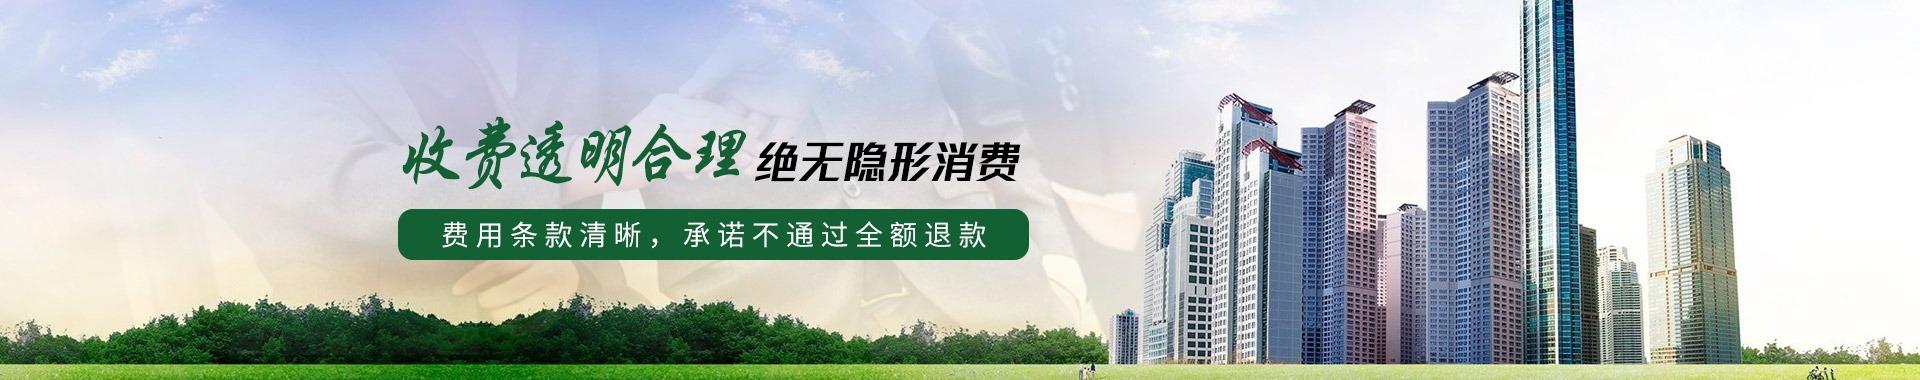 ces中国环境服务认证证书